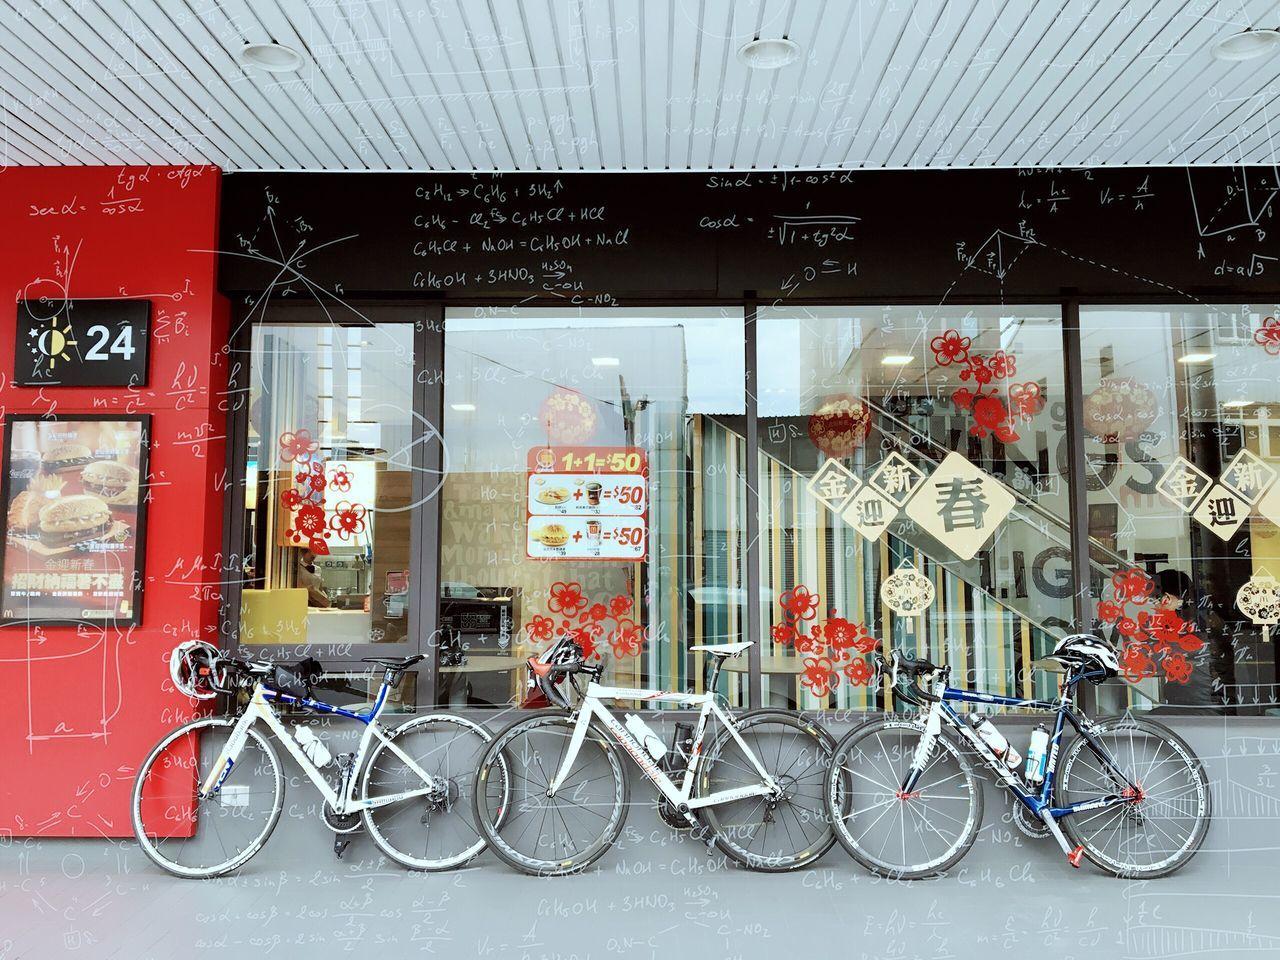 Bicycle Sports Fuji Relaxing Enjoying The View Sport Bike Maap Have Fun Morning Enjoying Life